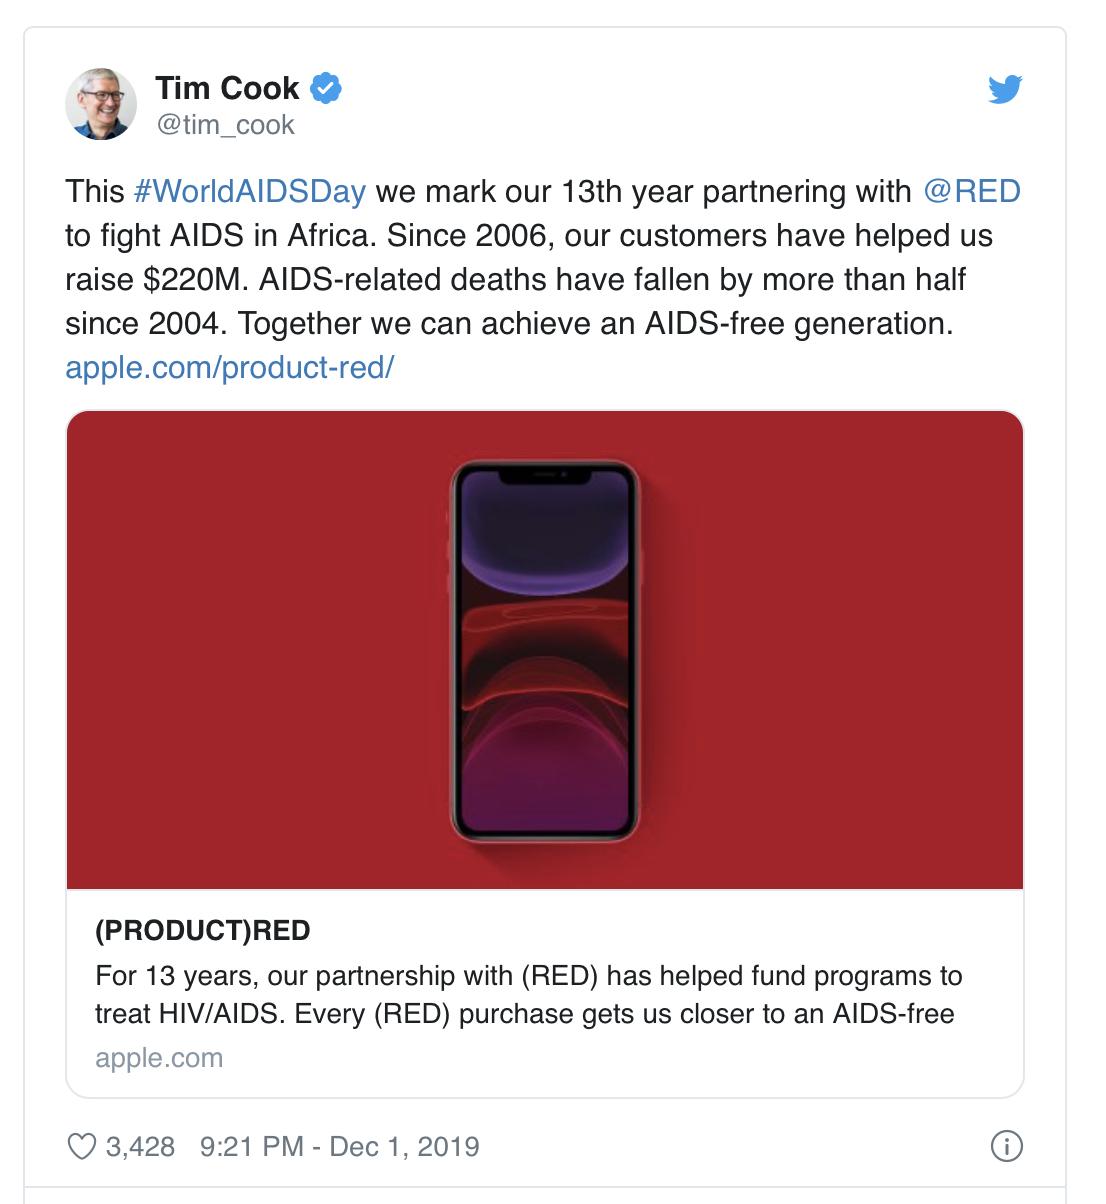 13 年间苹果共捐赠 2.2 亿美元用于抗击 AIDS